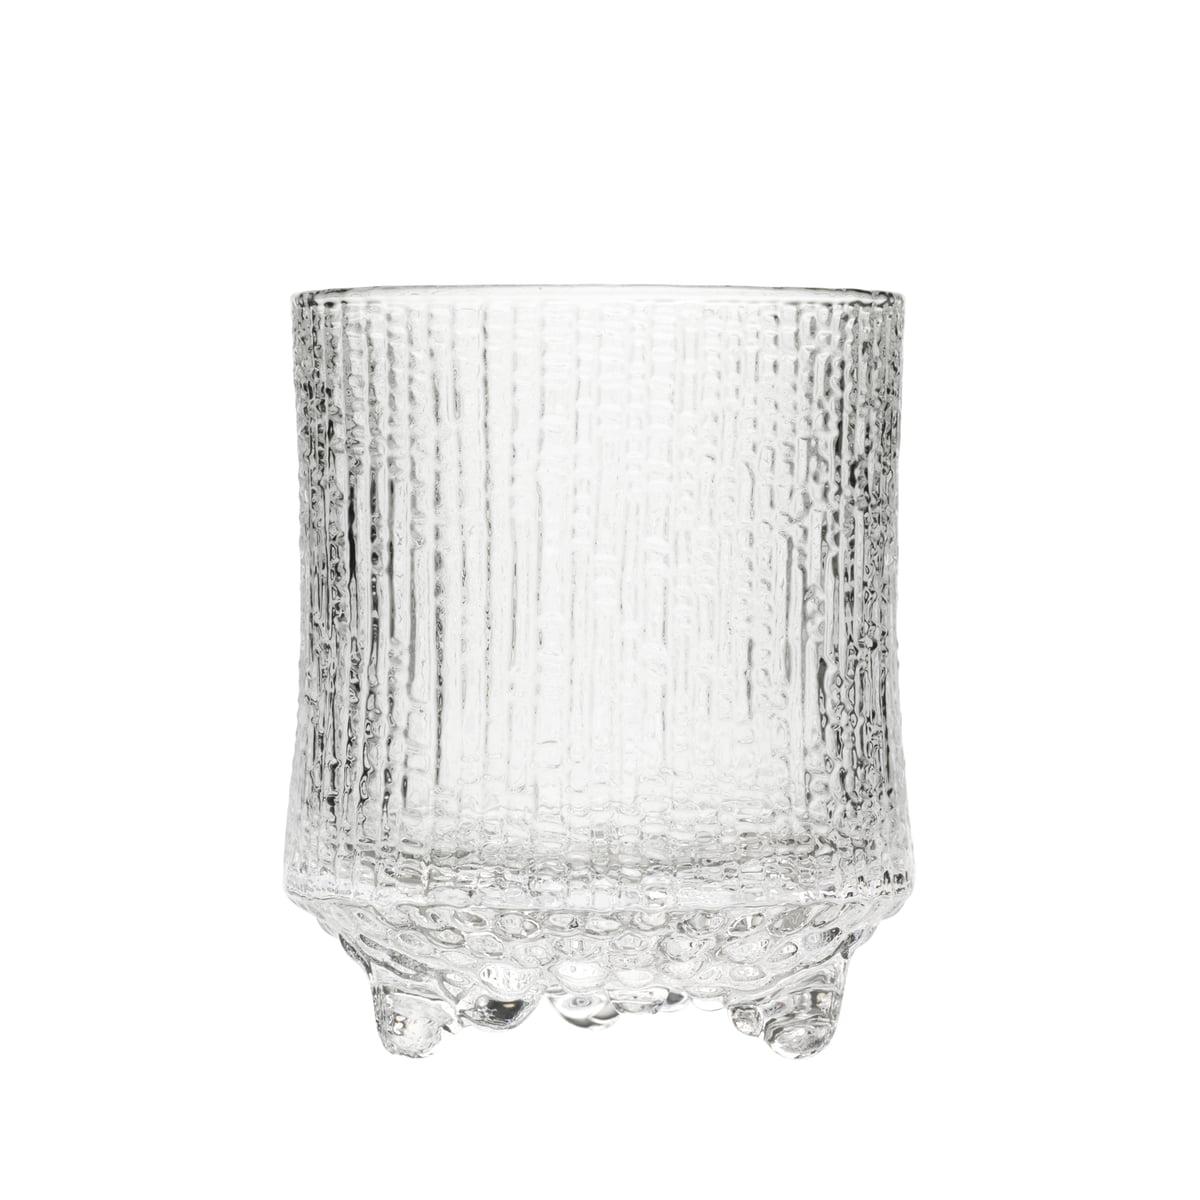 Iittala - Ultima Thule Wasserglas 20 cl | Küche und Esszimmer > Besteck und Geschirr > Gläser | Iittala